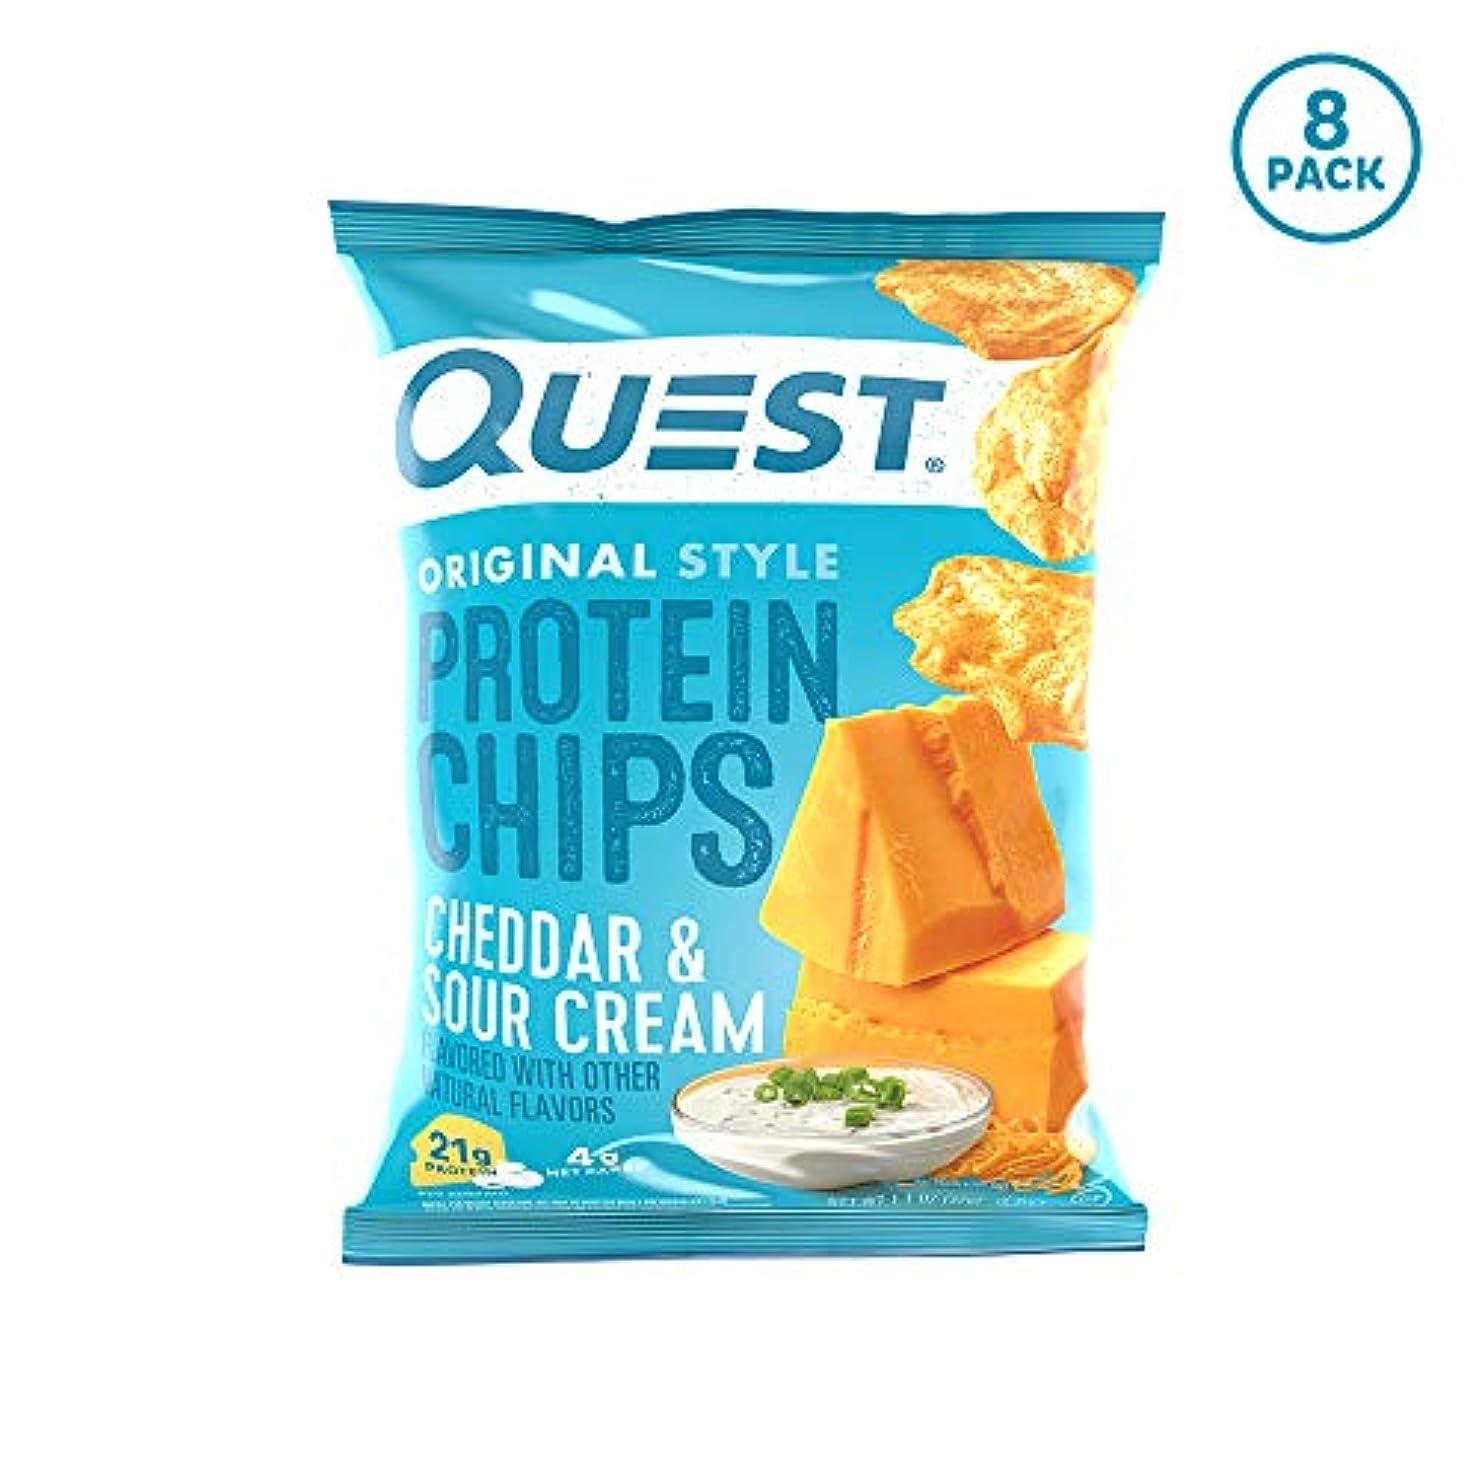 鰐十分なキャリッジプロテイン チップス チェダーサワークリーム フレイバー クエスト 8袋セット 並行輸入品 Quest Nutrition Protein Chips Cheddar & Sour Cream Pack of 8 海外直送品